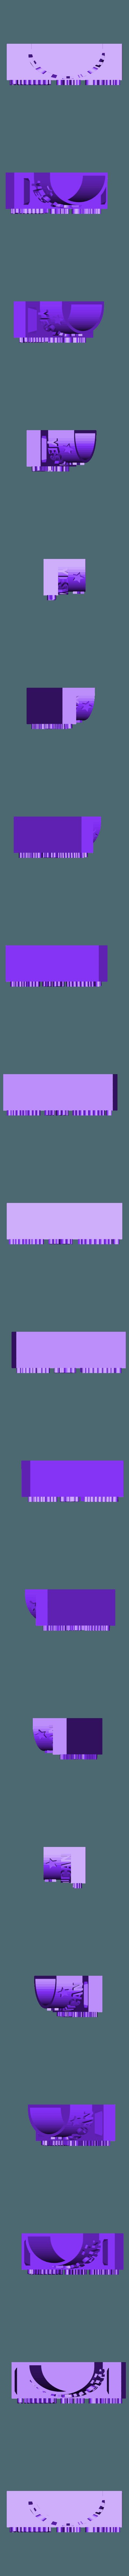 YYCcaddy.stl Télécharger fichier STL gratuit #XYZCHALLENGE • Modèle pour imprimante 3D, ED2014